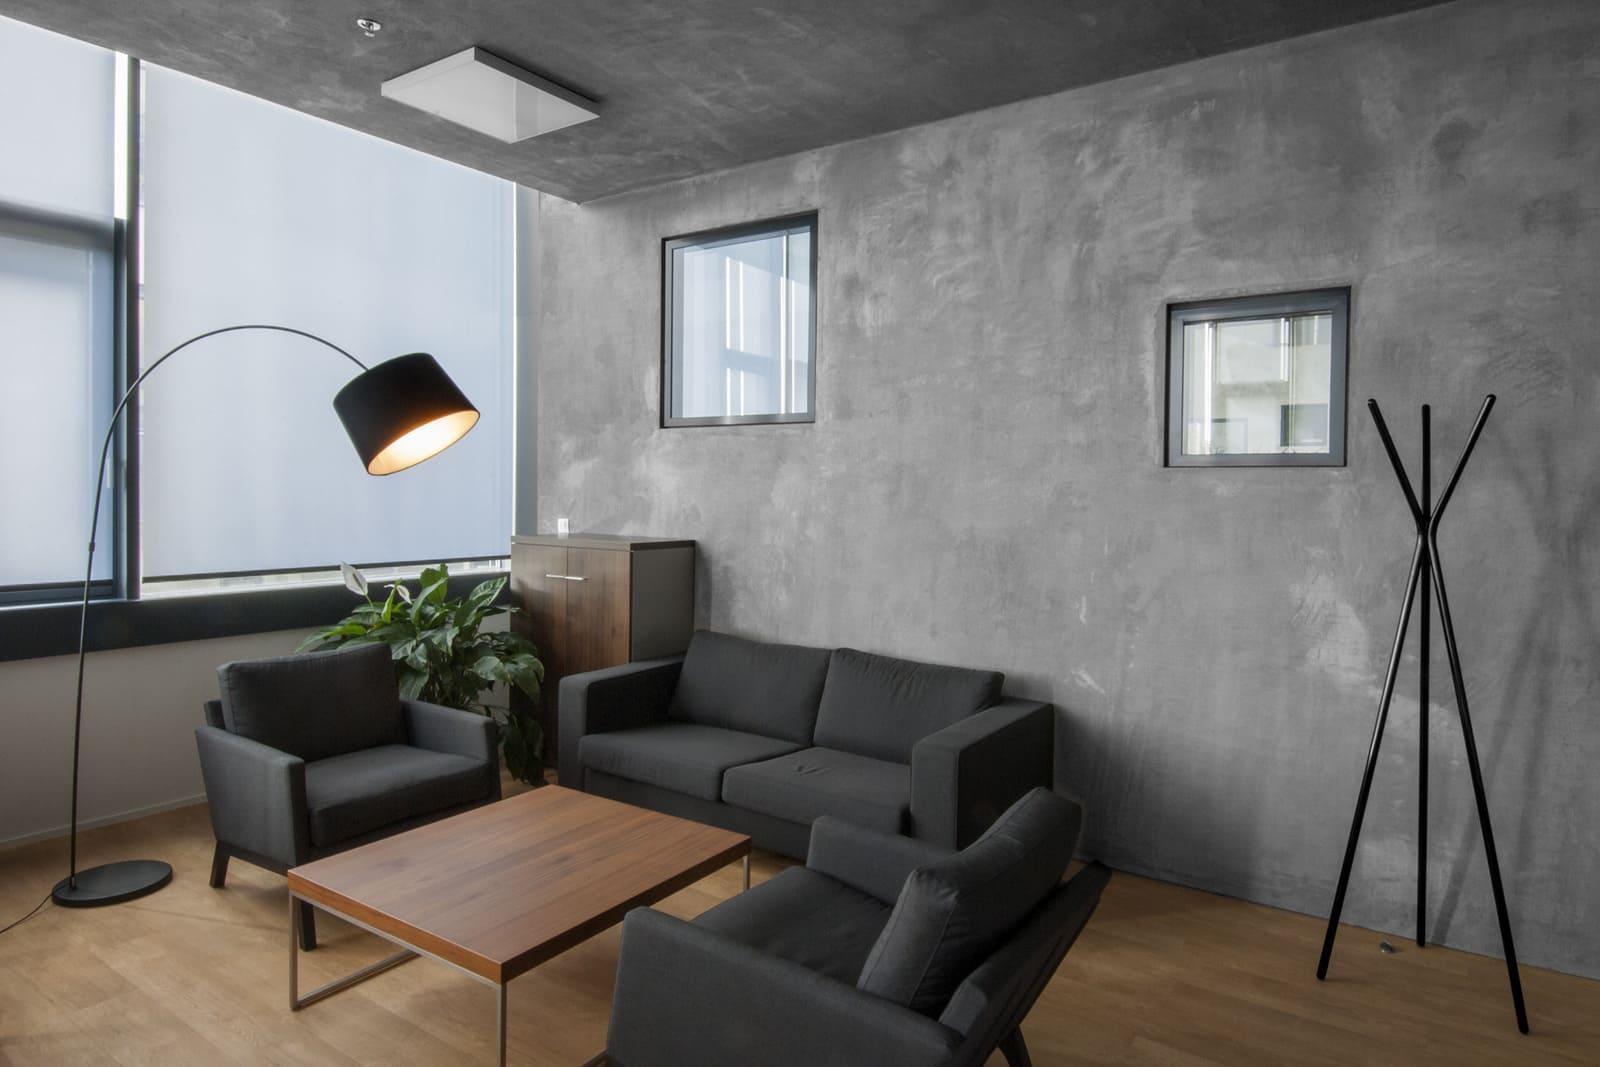 Декоративная штукатурка - лучшие красивые варианты отделки стен в интерьере 020